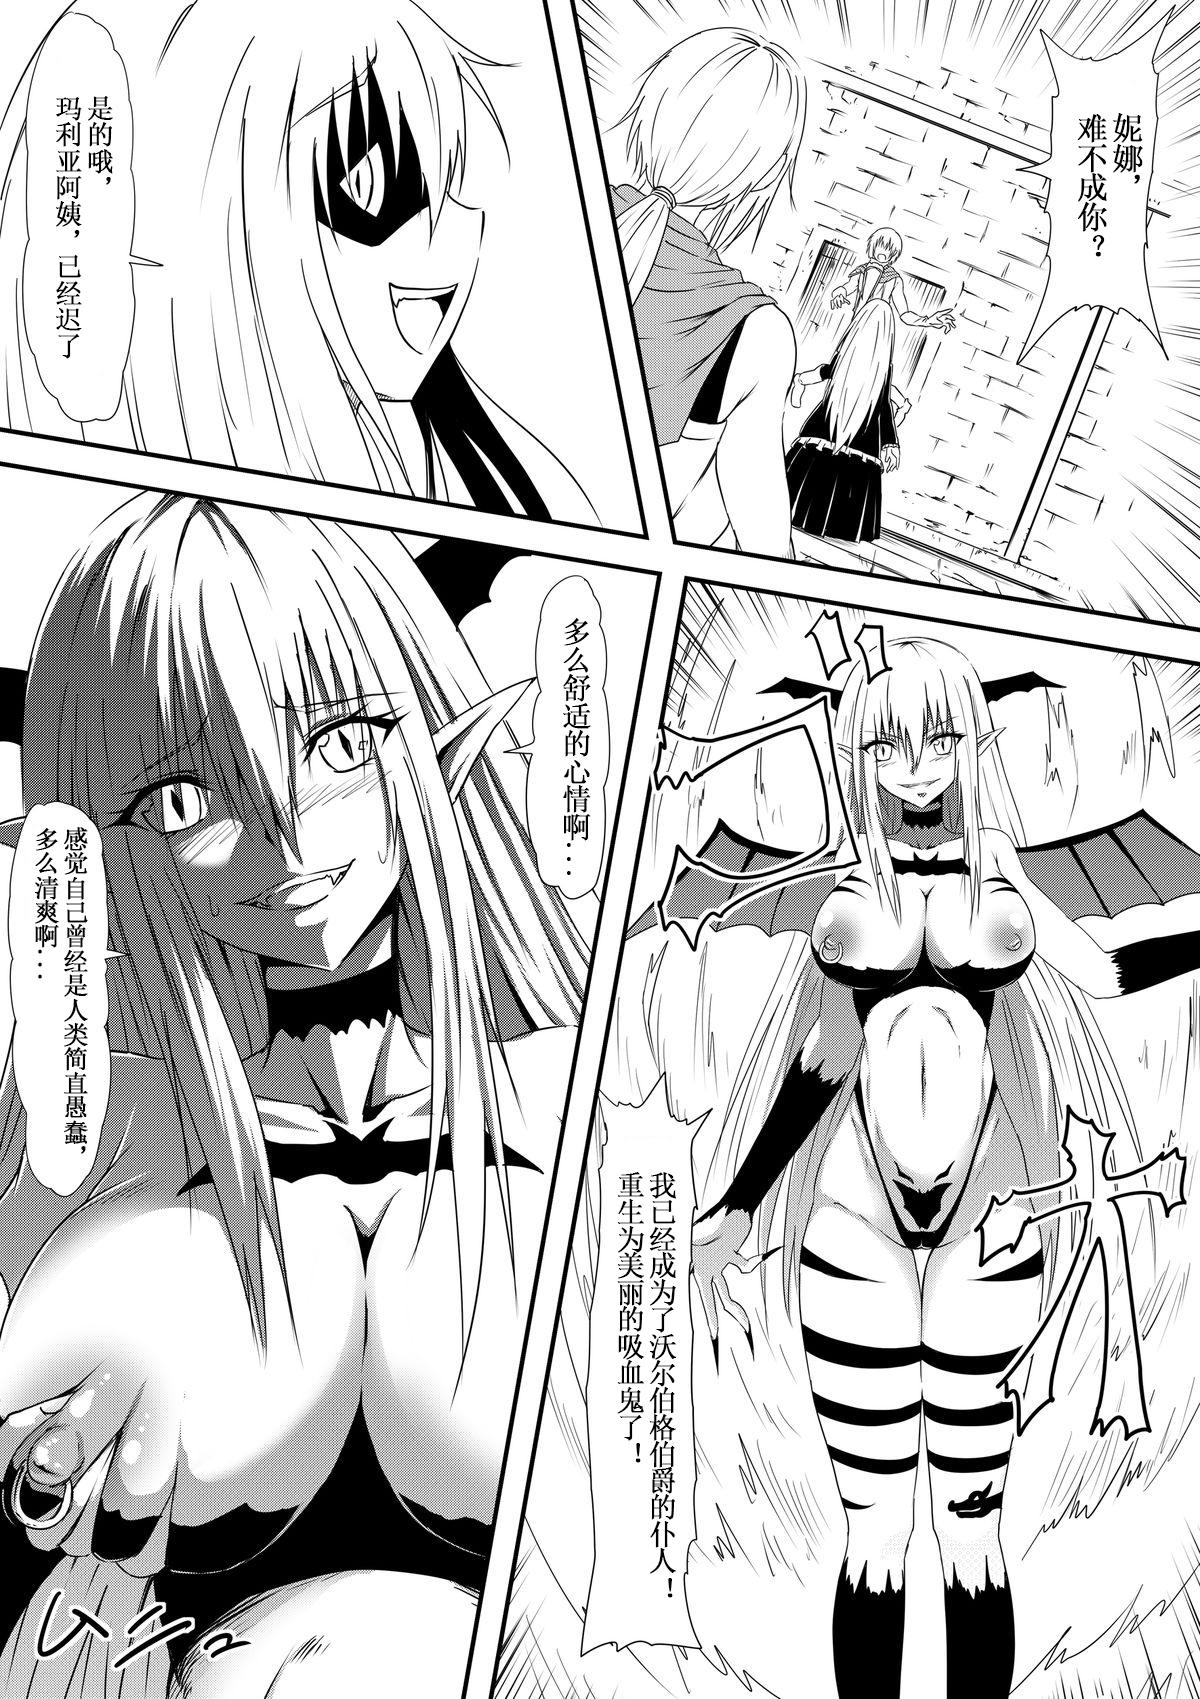 Kyuuketsuki ni Kanzen Haiboku Shita Vanpire Hunter Oyako ga Musuko no Mae de Okasare Kyuuketsuki-ka Shite Shimau Haha no Hanashi 13